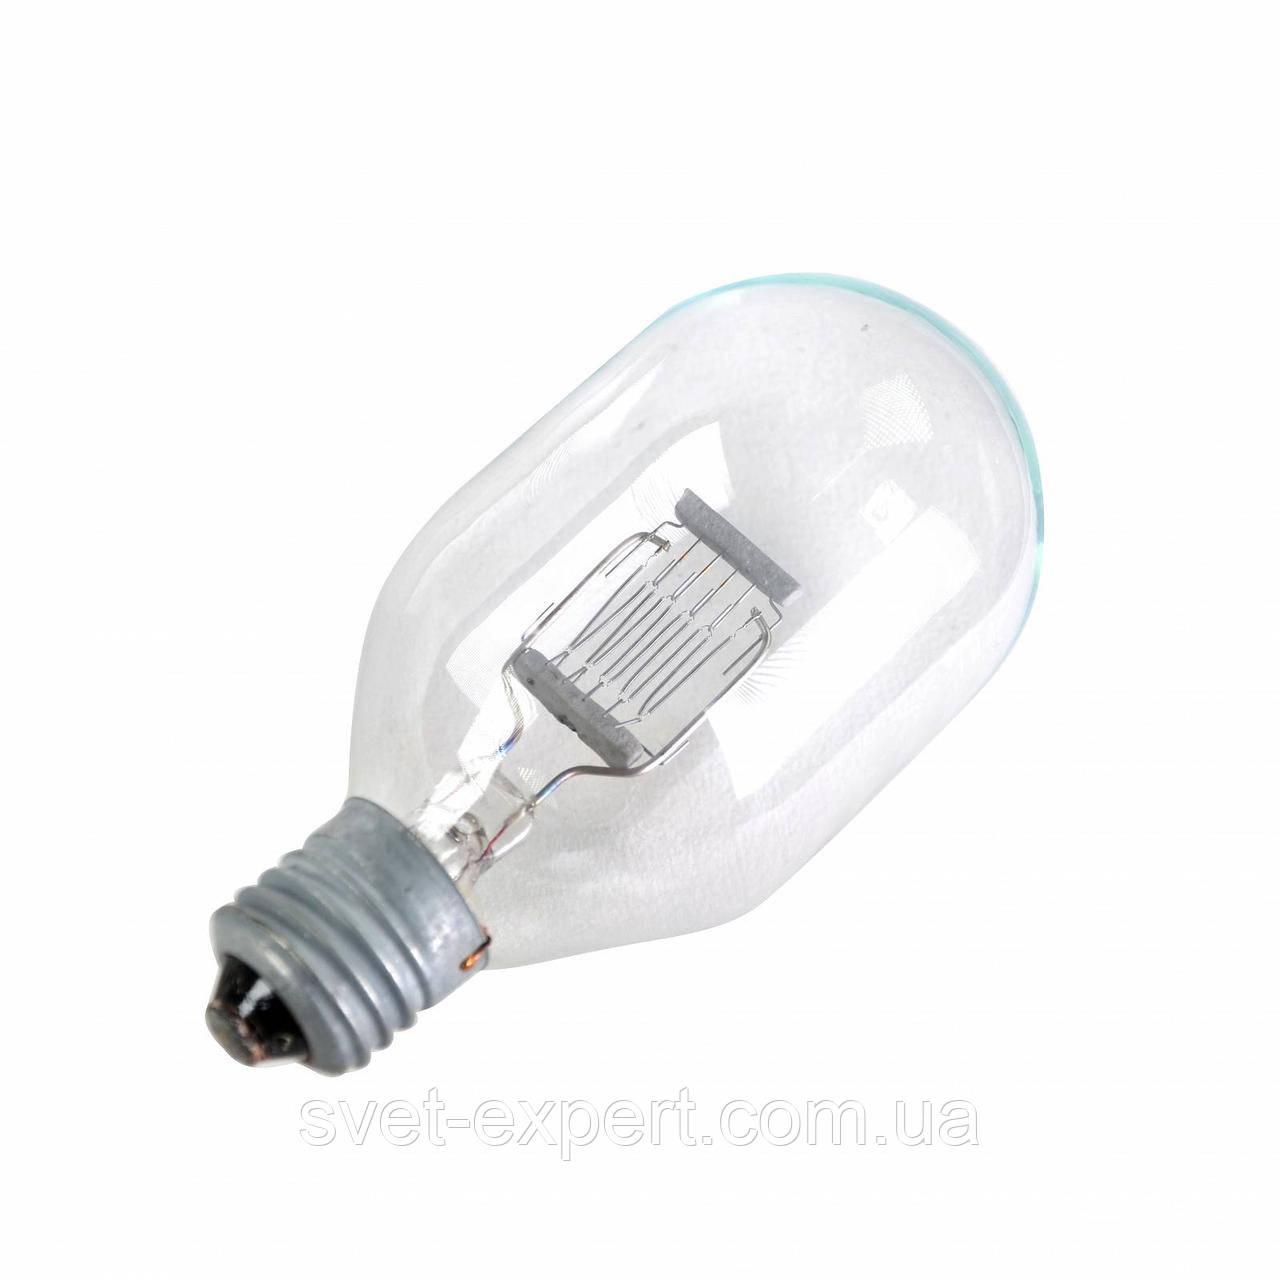 Лампа Ф 220-500 500W E27